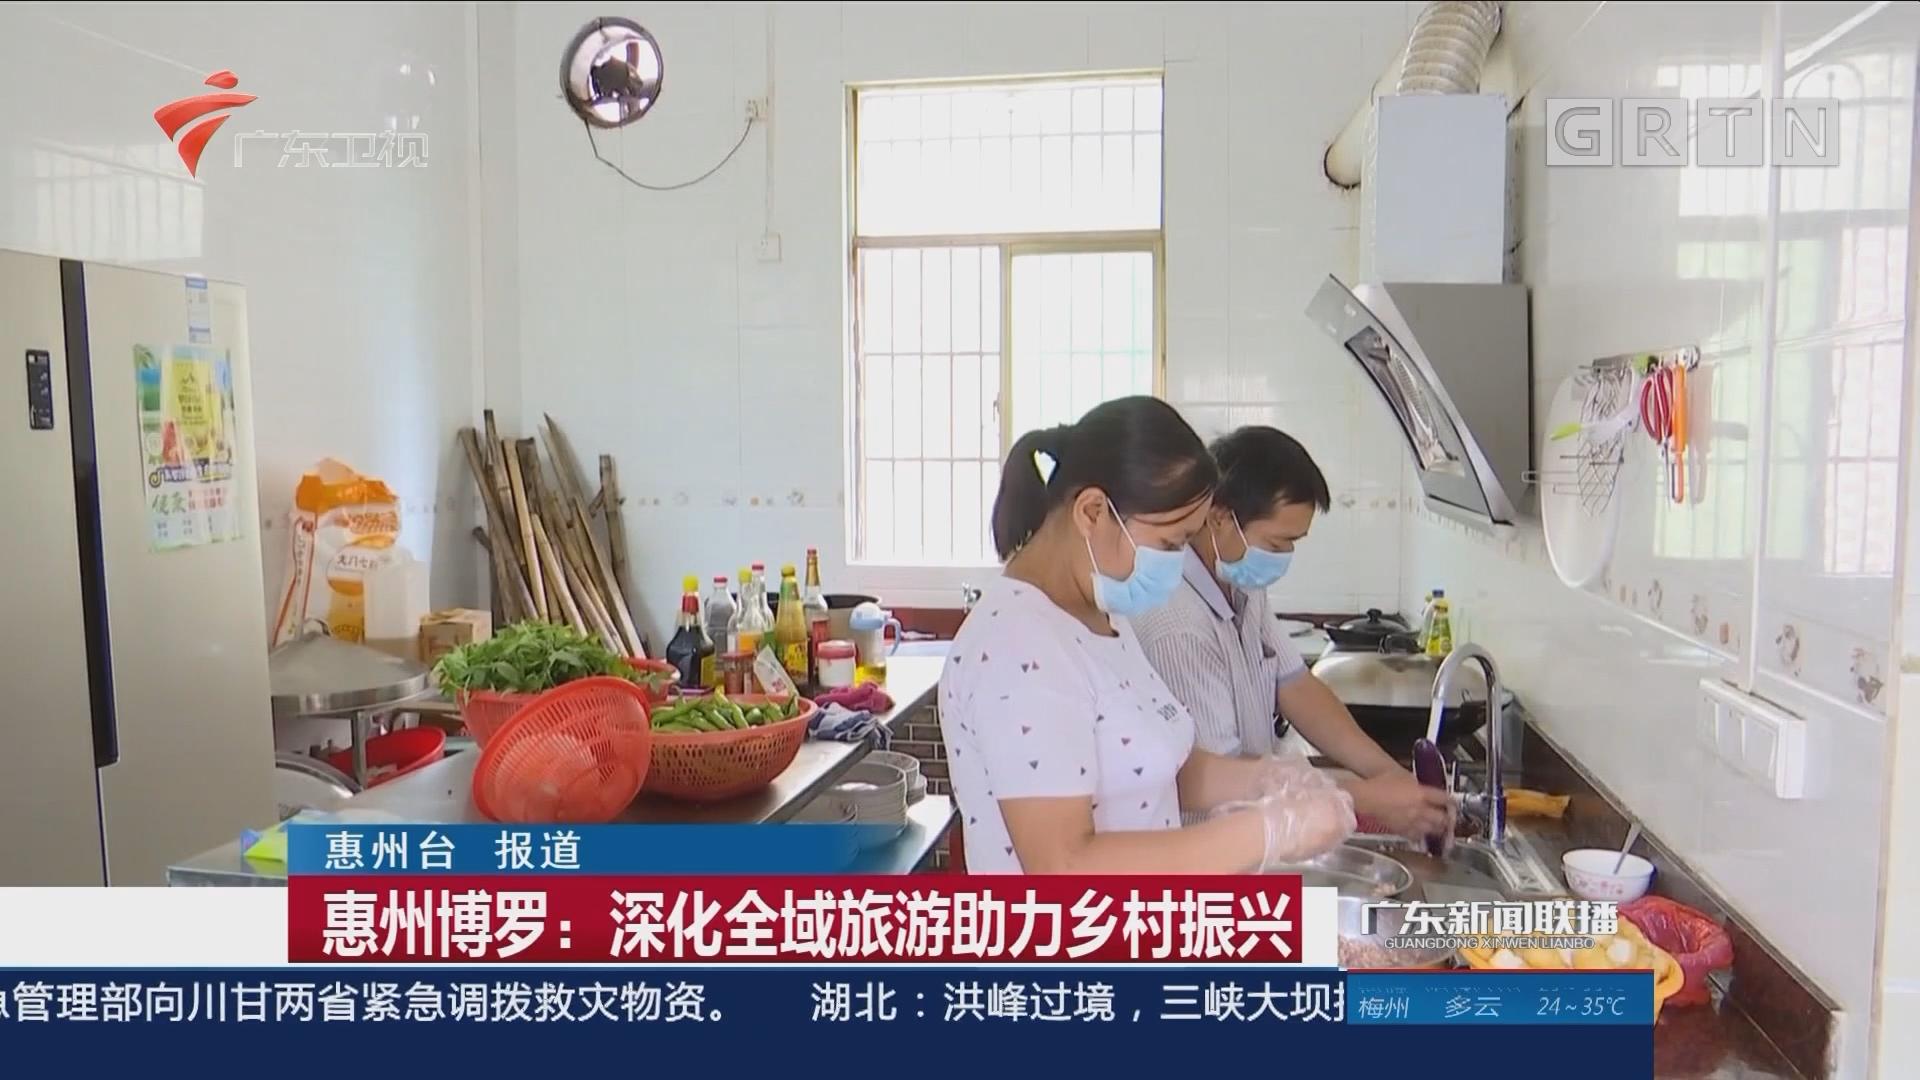 惠州博罗:深化全域旅游助力乡村振兴